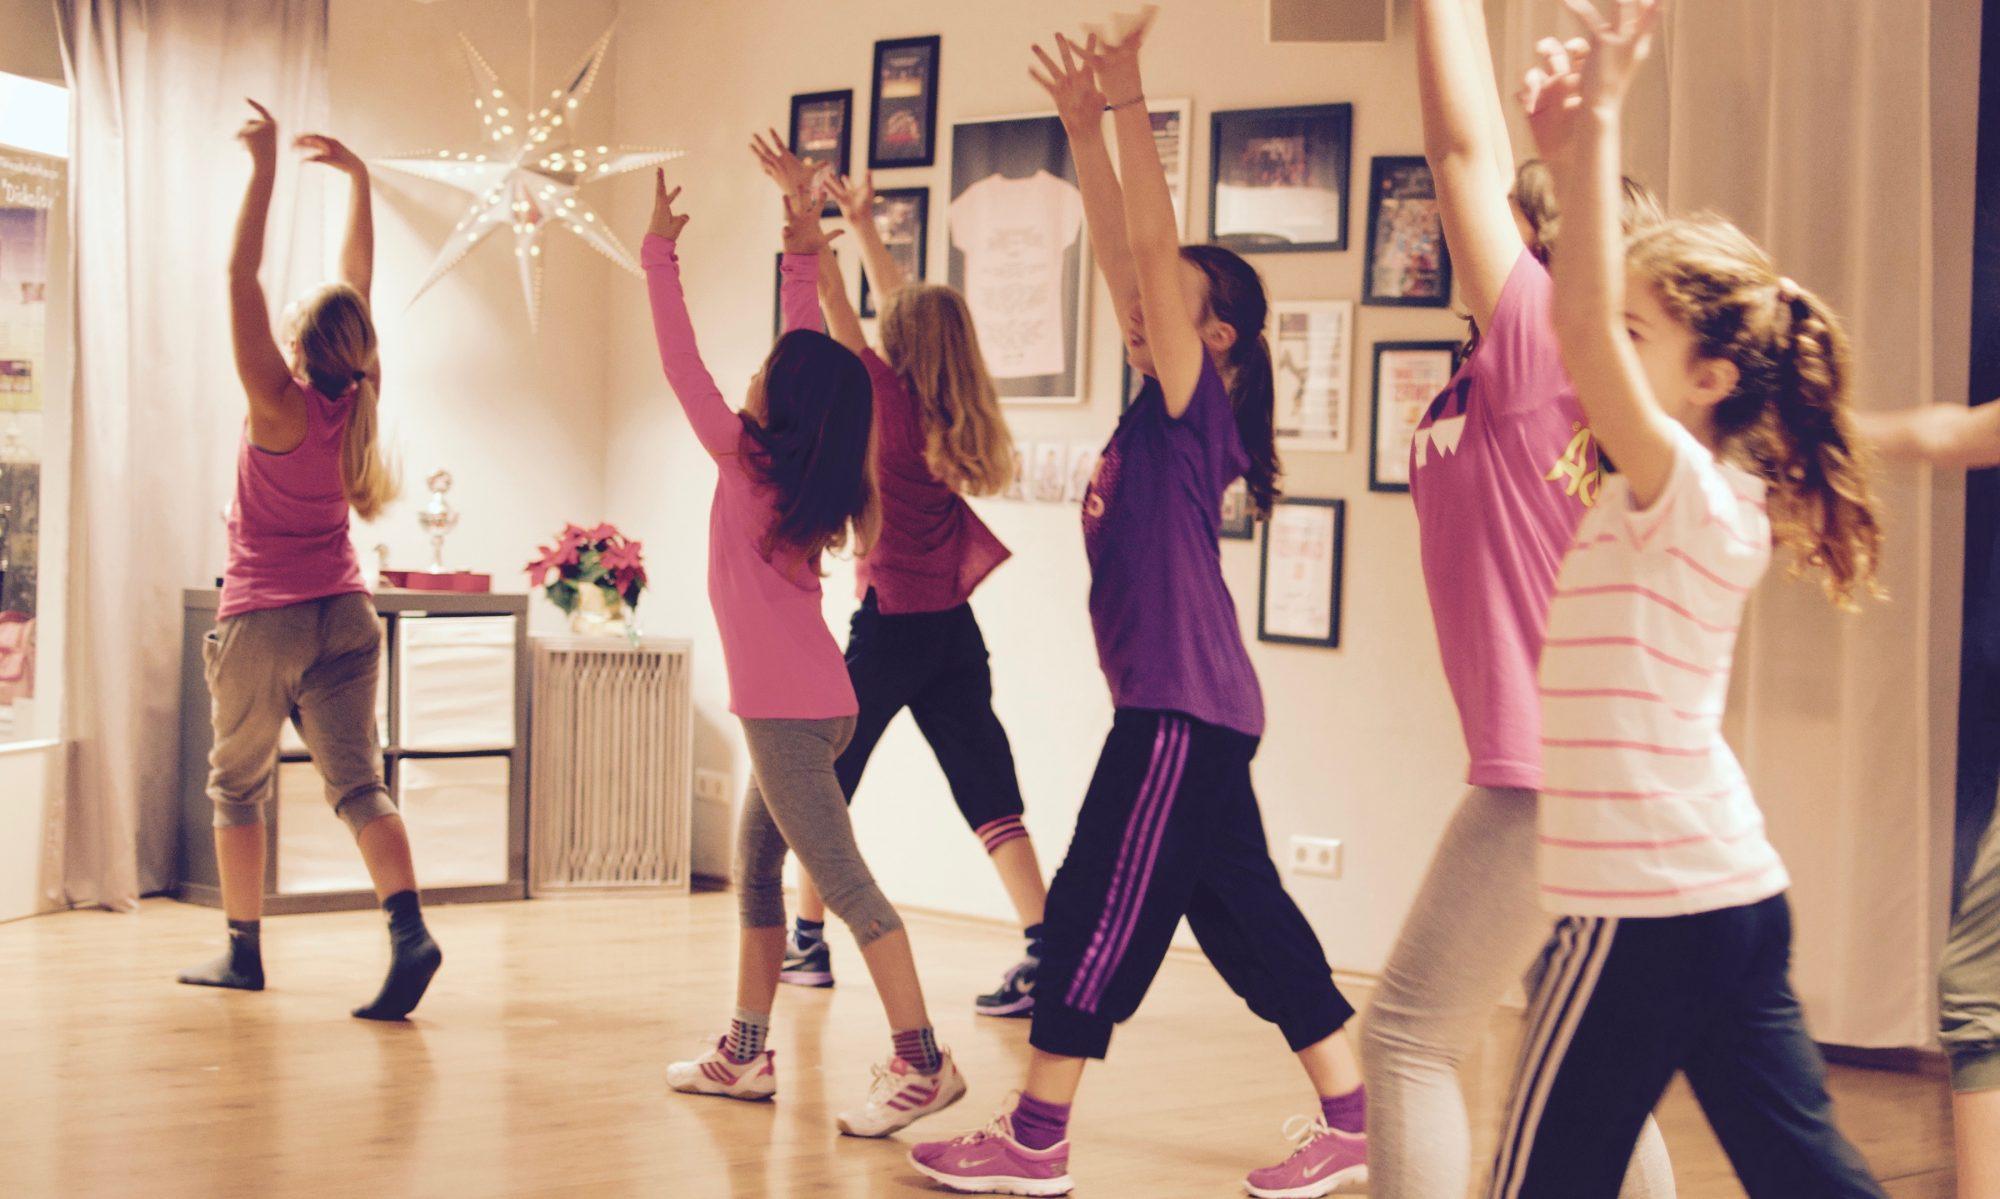 Tanzschule Picasso